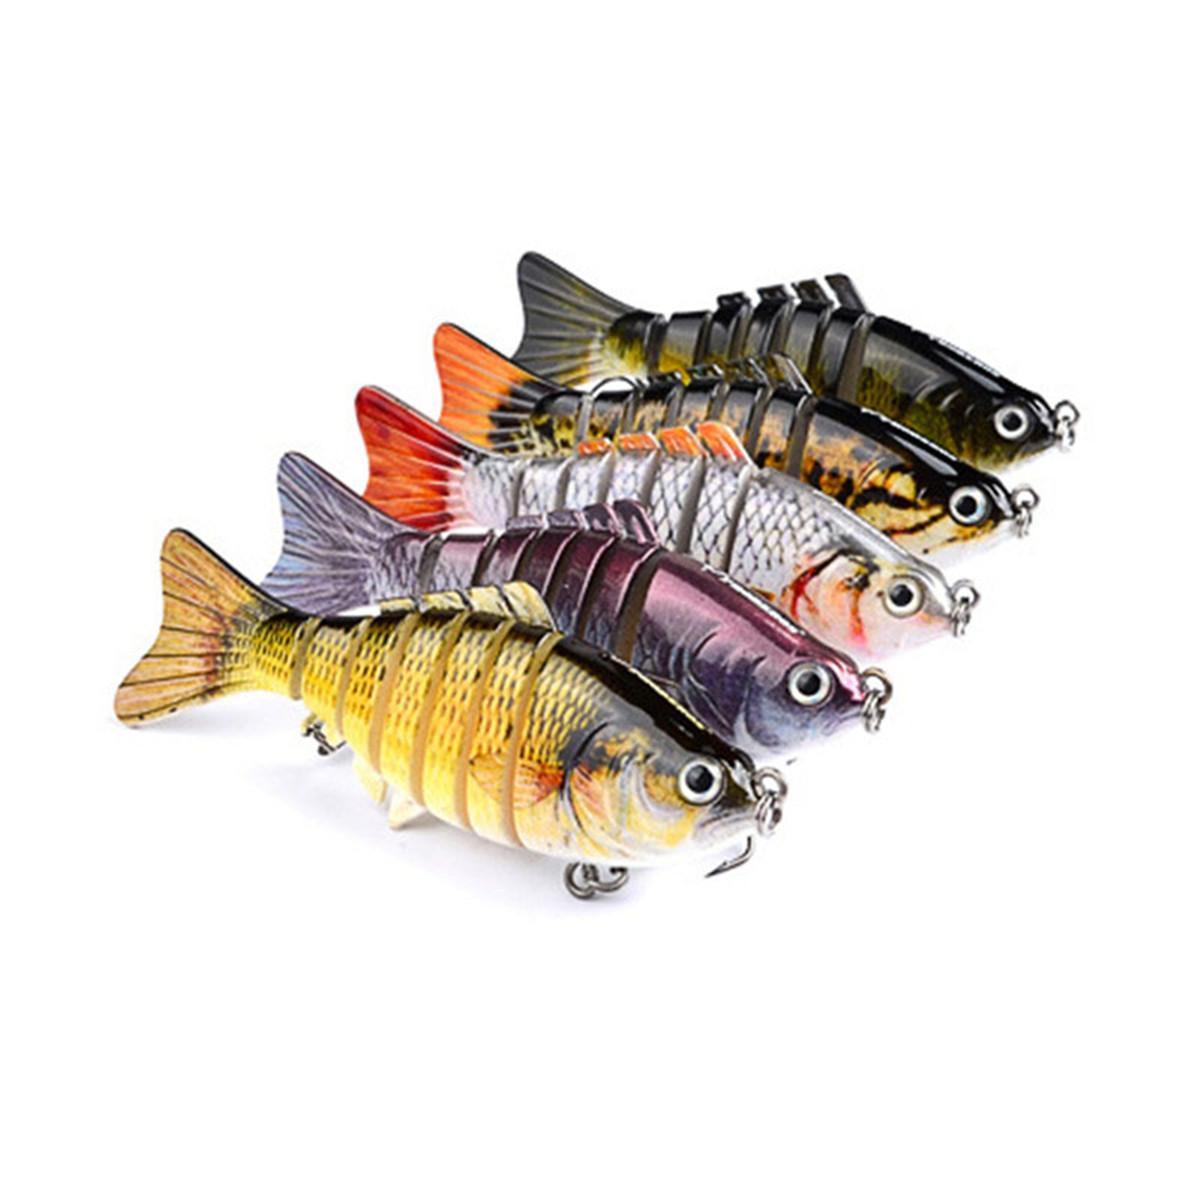 Angelköder Wobbler Swimbait Crankbait des harten Köder Isca Artificial Fischen lebensechte locken 7 Segment 10cm 15.5g Tackle